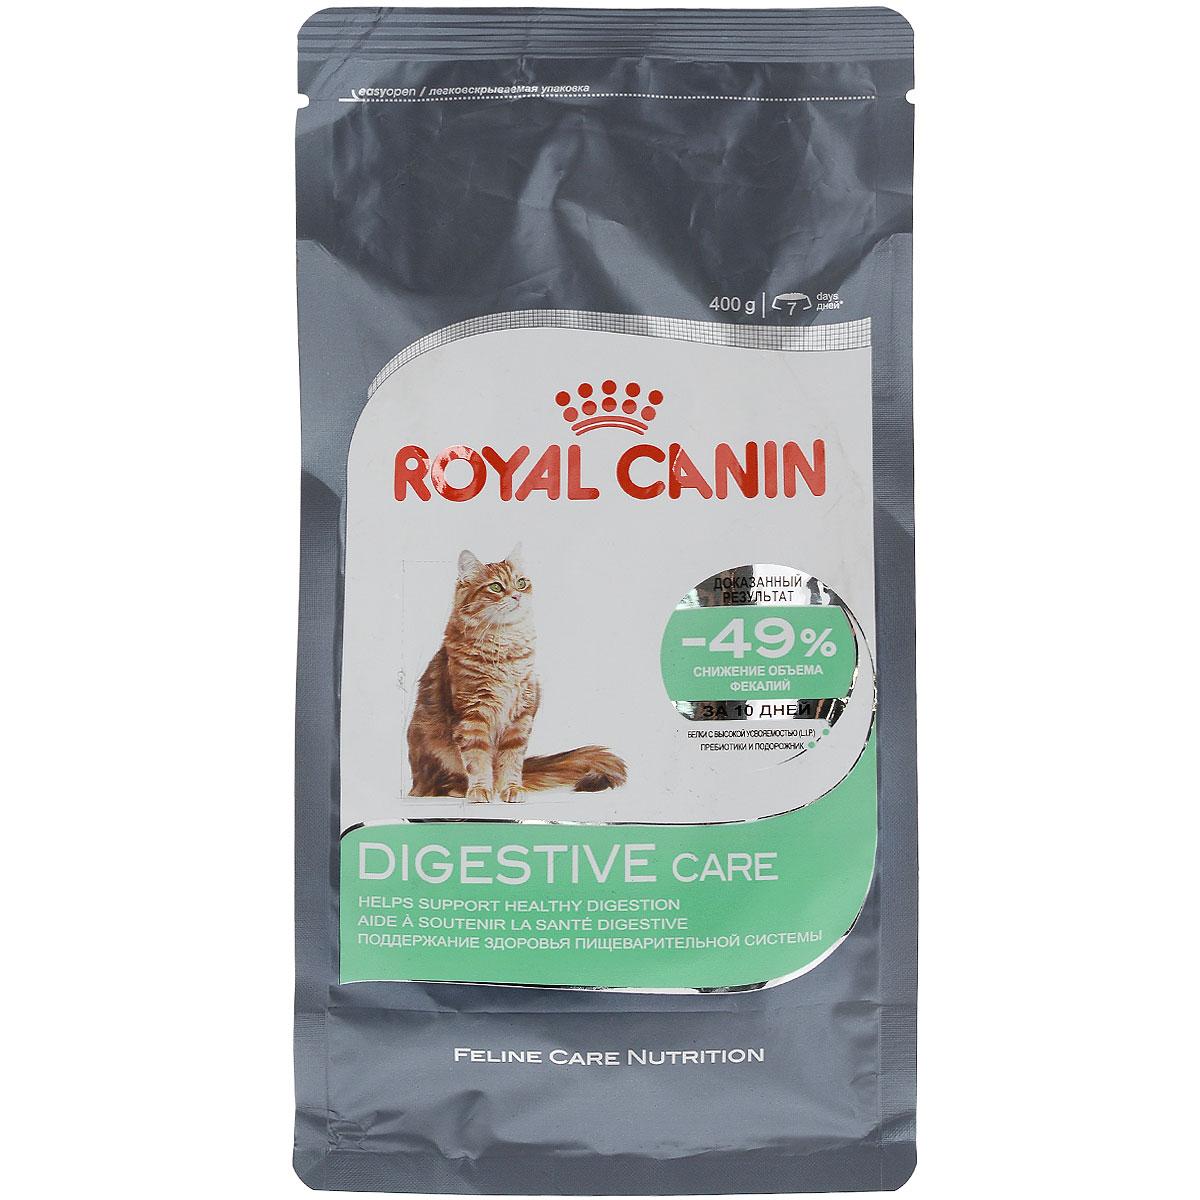 Корм сухой Royal Canin Digestive Care, для взрослых кошек с чувствительным пищеварением, 400 г0120710Сухой корм Royal Canin Digestive Care - это полнорационный сбалансированныйкорм для кошек с расстройствами пищеварительной системы. По своей природе кошки регулярно потребляют небольшое количество пищи в течение дня. Однако, некоторые из них способны съесть достаточно большую порцию за короткое время, что может привести к пищеварительному расстройству и срыгиванию.Специальные крокеты разработаны для того, чтобы стимулировать тщательное пережевывание корма и предотвратить его заглатывание, что предотвратит срыгивание пищи.Формула специально разработана для того, чтобы способствовать оптимальному усвоению продукта и облегчить процесс пищеварения. В дальнейшем это приведет к уменьшению объема фекалий.Уход за ЖКТ-это точно сбалансированная питательная формула, которая помогает поддерживать здоровье пищеварительной системы.С двойным действием: - Легко усваивается: пищеварительная формула содержит белки чрезвычайно высокой усвояемости (L.I.P). В его основе лежит смесь пребиотиков (ФОС: фрукто-олиго-сахаридов) и волокон (в том числе подорожника). Эти компоненты способствуют оптимальному усвоению продукта и регулируют транзит пищи по кишечнику кошки. - Благодаря уникальной текстуре и форме крокет кошка тщательнее разгрызает корм, а не заглатывает его целиком, что позволяет увеличить время приема пищи. Тщательное разжевывание помогает сократить риск срыгивания и подготавливает пищу к перевариванию.Доказанные результаты: Объем фекалий снижается на 49% через 10 дней при кормлении исключительно продуктом DIGESTIVE CARE, благодаря улучшению пищеварения и усвоения питательных веществ.Содержит баланс минералов для поддержания здоровья мочевыводящих путей взрослой кошки. Состав: изолят растительного белка, пшеничная мука, рис, обезвоженная рыба, животные жиры, дегидратированный белок мяса птицы, гидролизат белков животного происхождения, кукурузный глютен, кукурузная мука, раститель